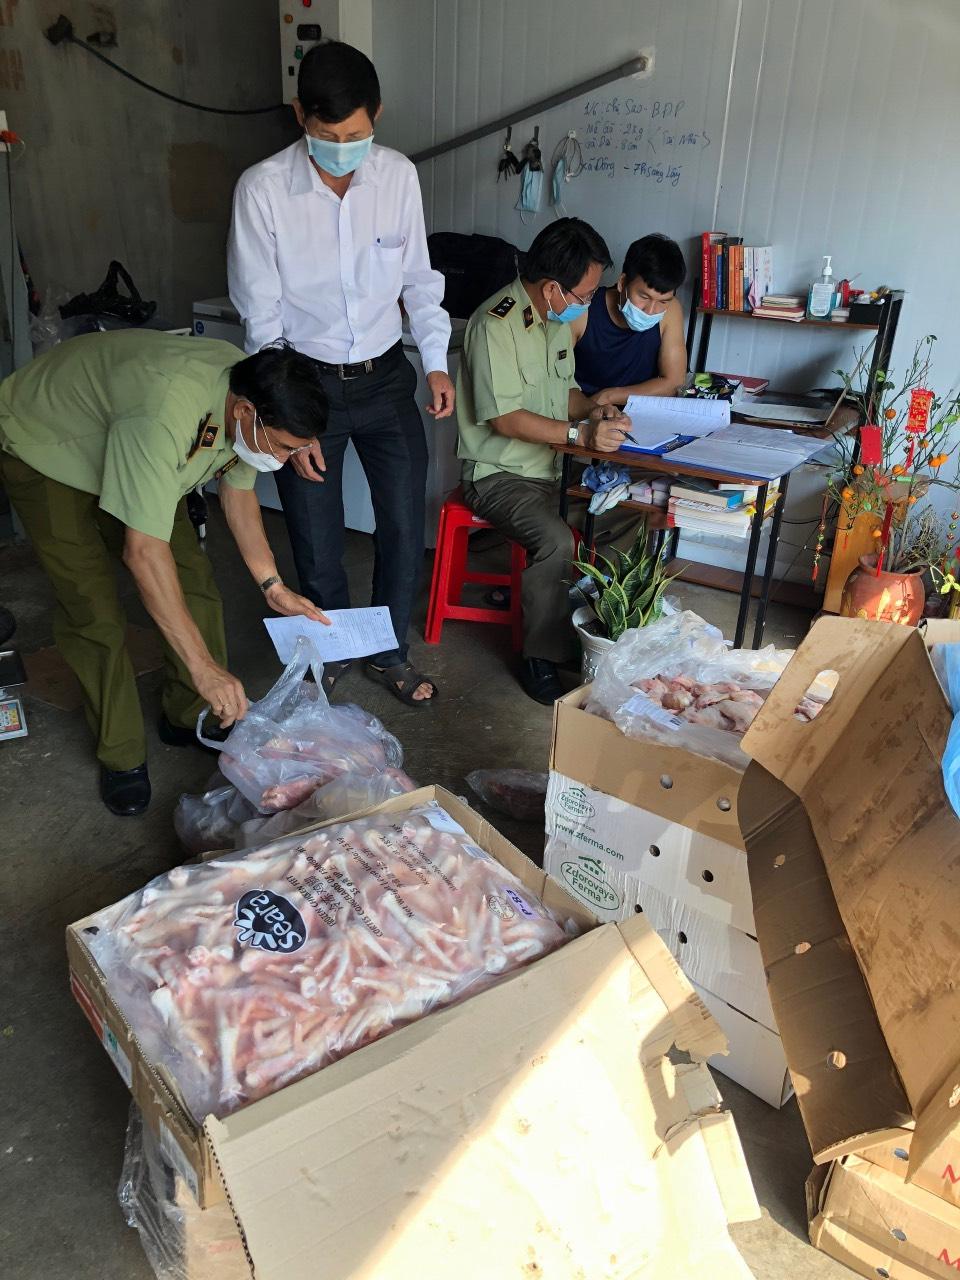 Cục Bình Phước: Tiếp tục phát hiện 517 kg thịt, xương động vật đông lạnh nhập lậu và không rõ nguồn gốc, xuất xứ